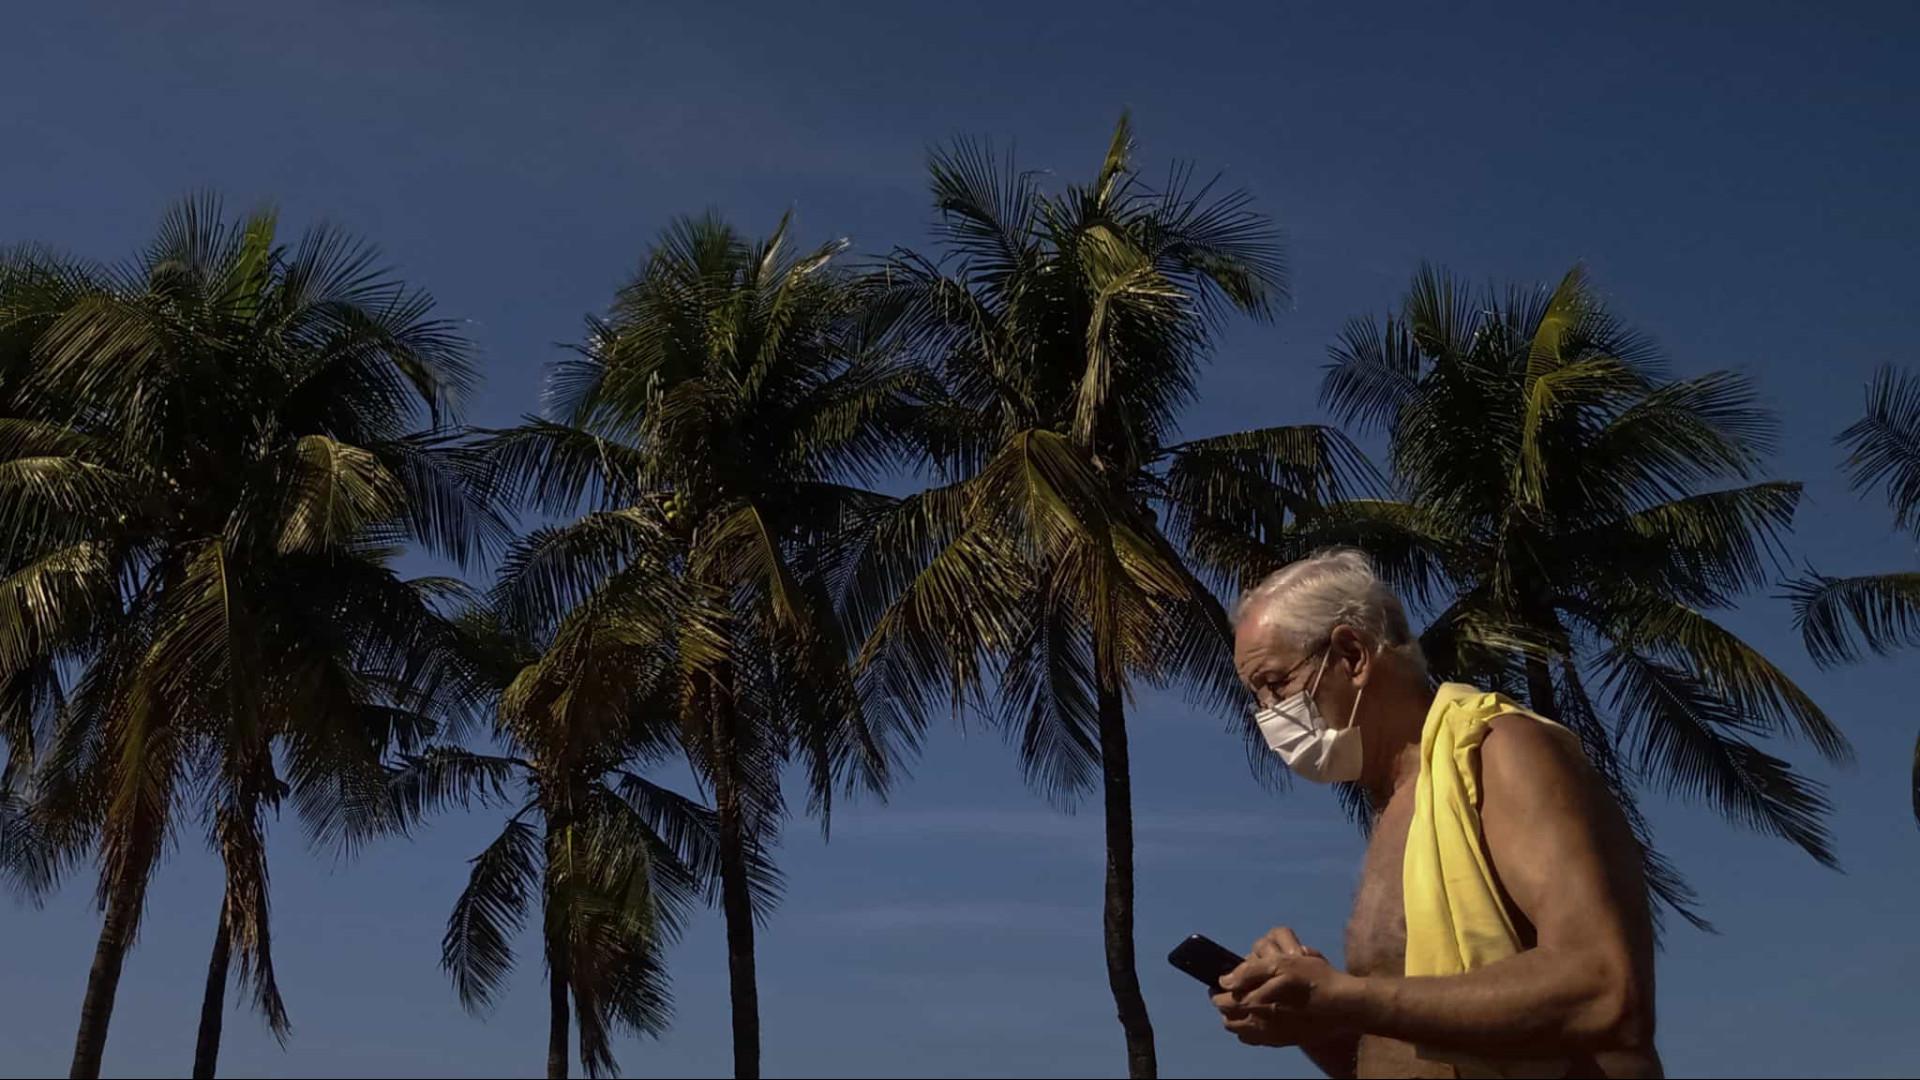 AO MINUTO: Norte e Alentejo preocupam. N.º de casos desce no Brasil